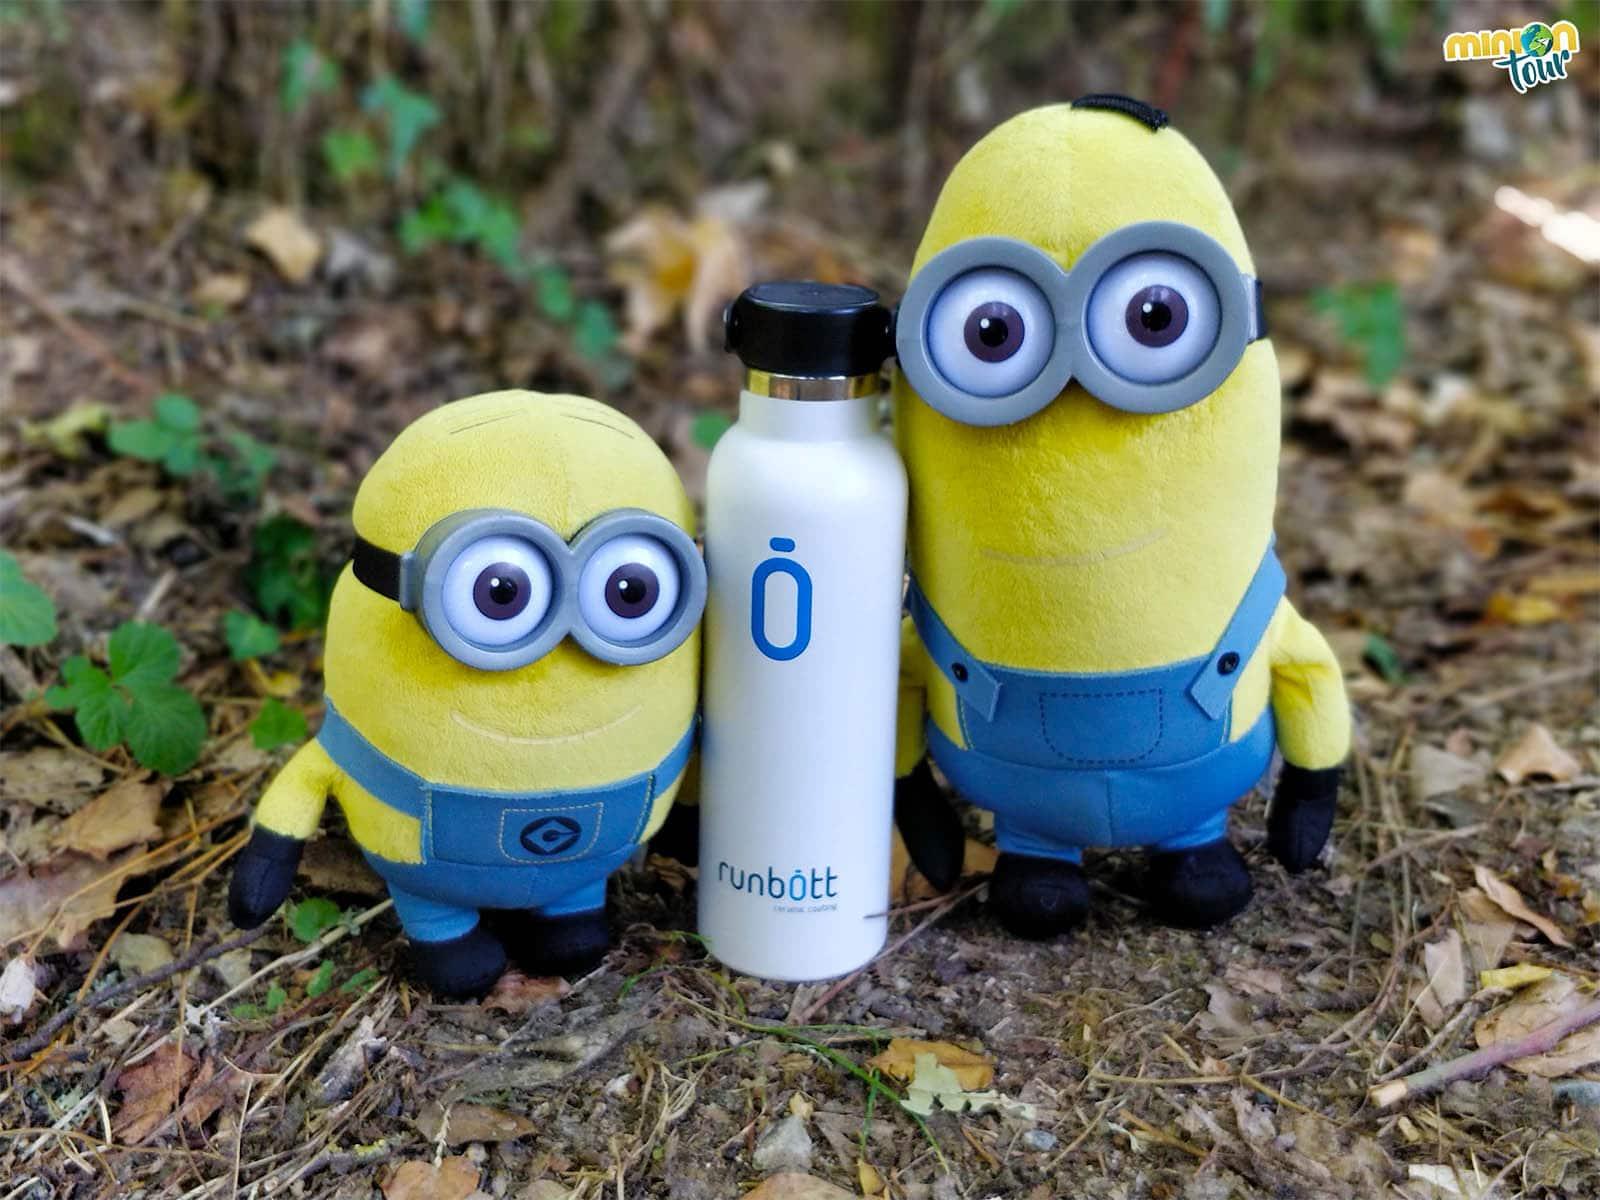 Llevar una botella de agua rellenable ayuda a ser más Viajeros Responsables